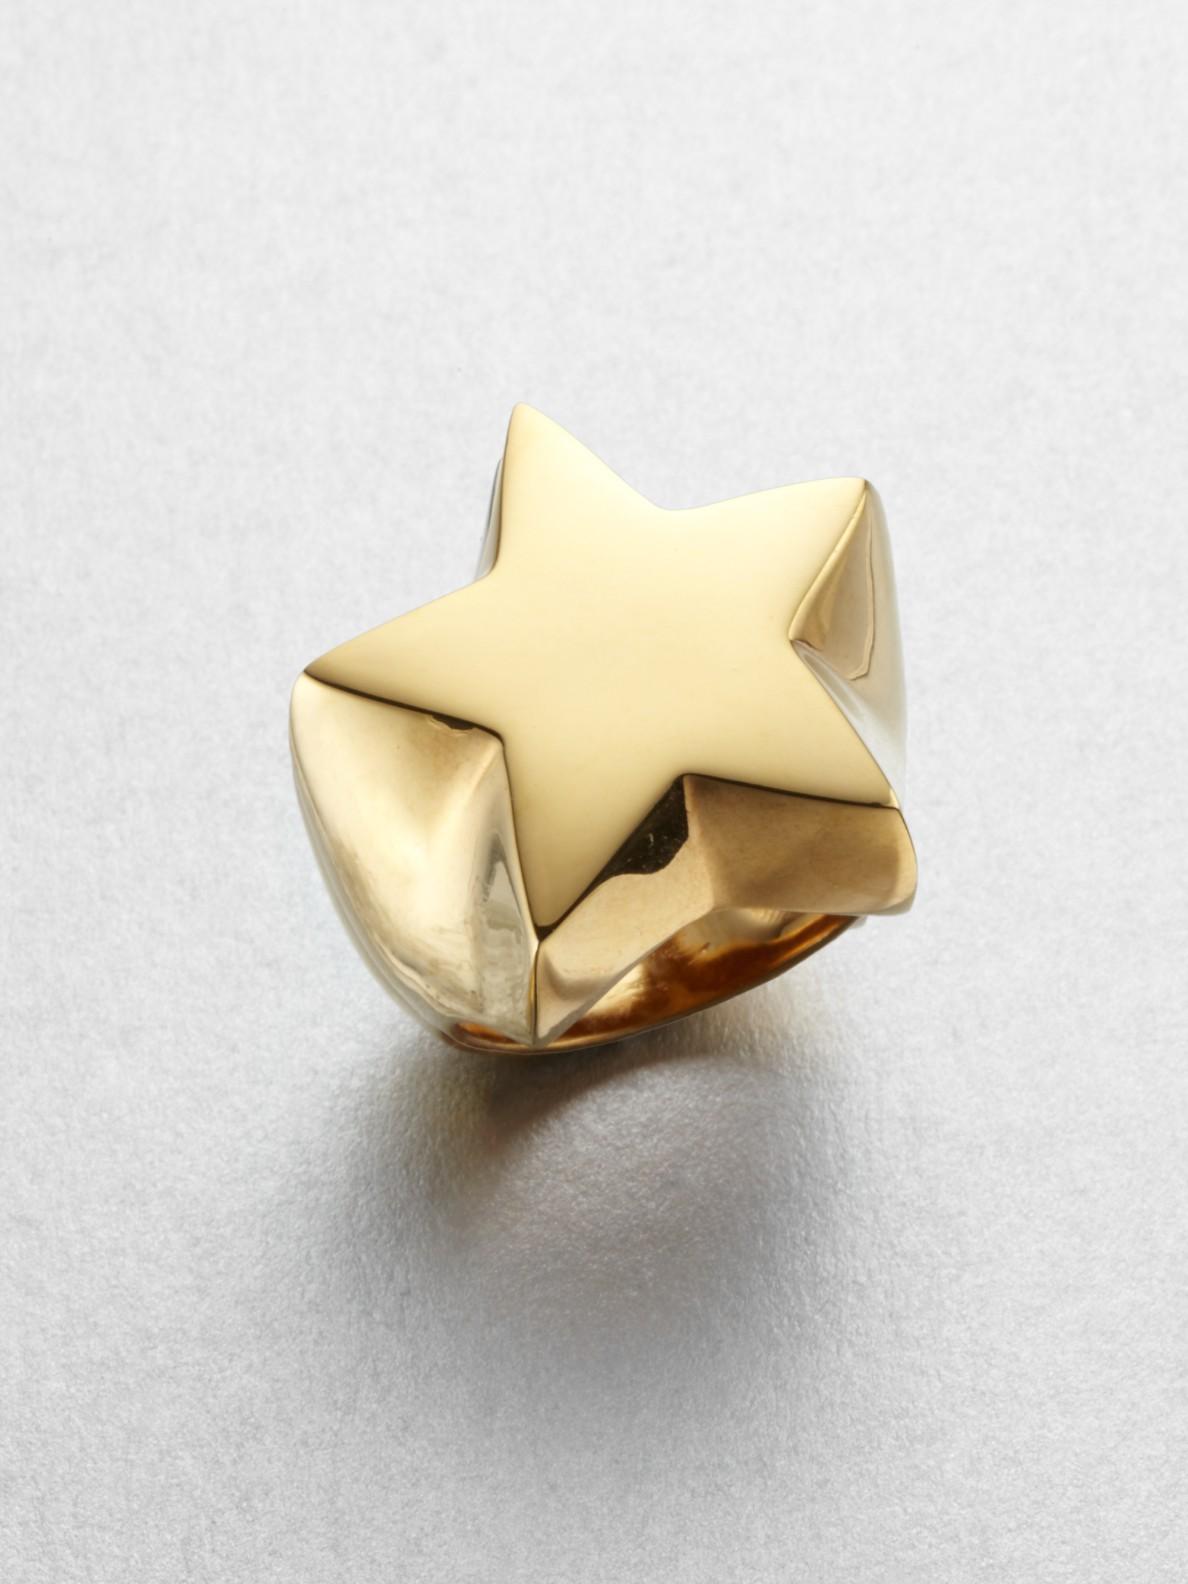 Star Diamond Jewelry